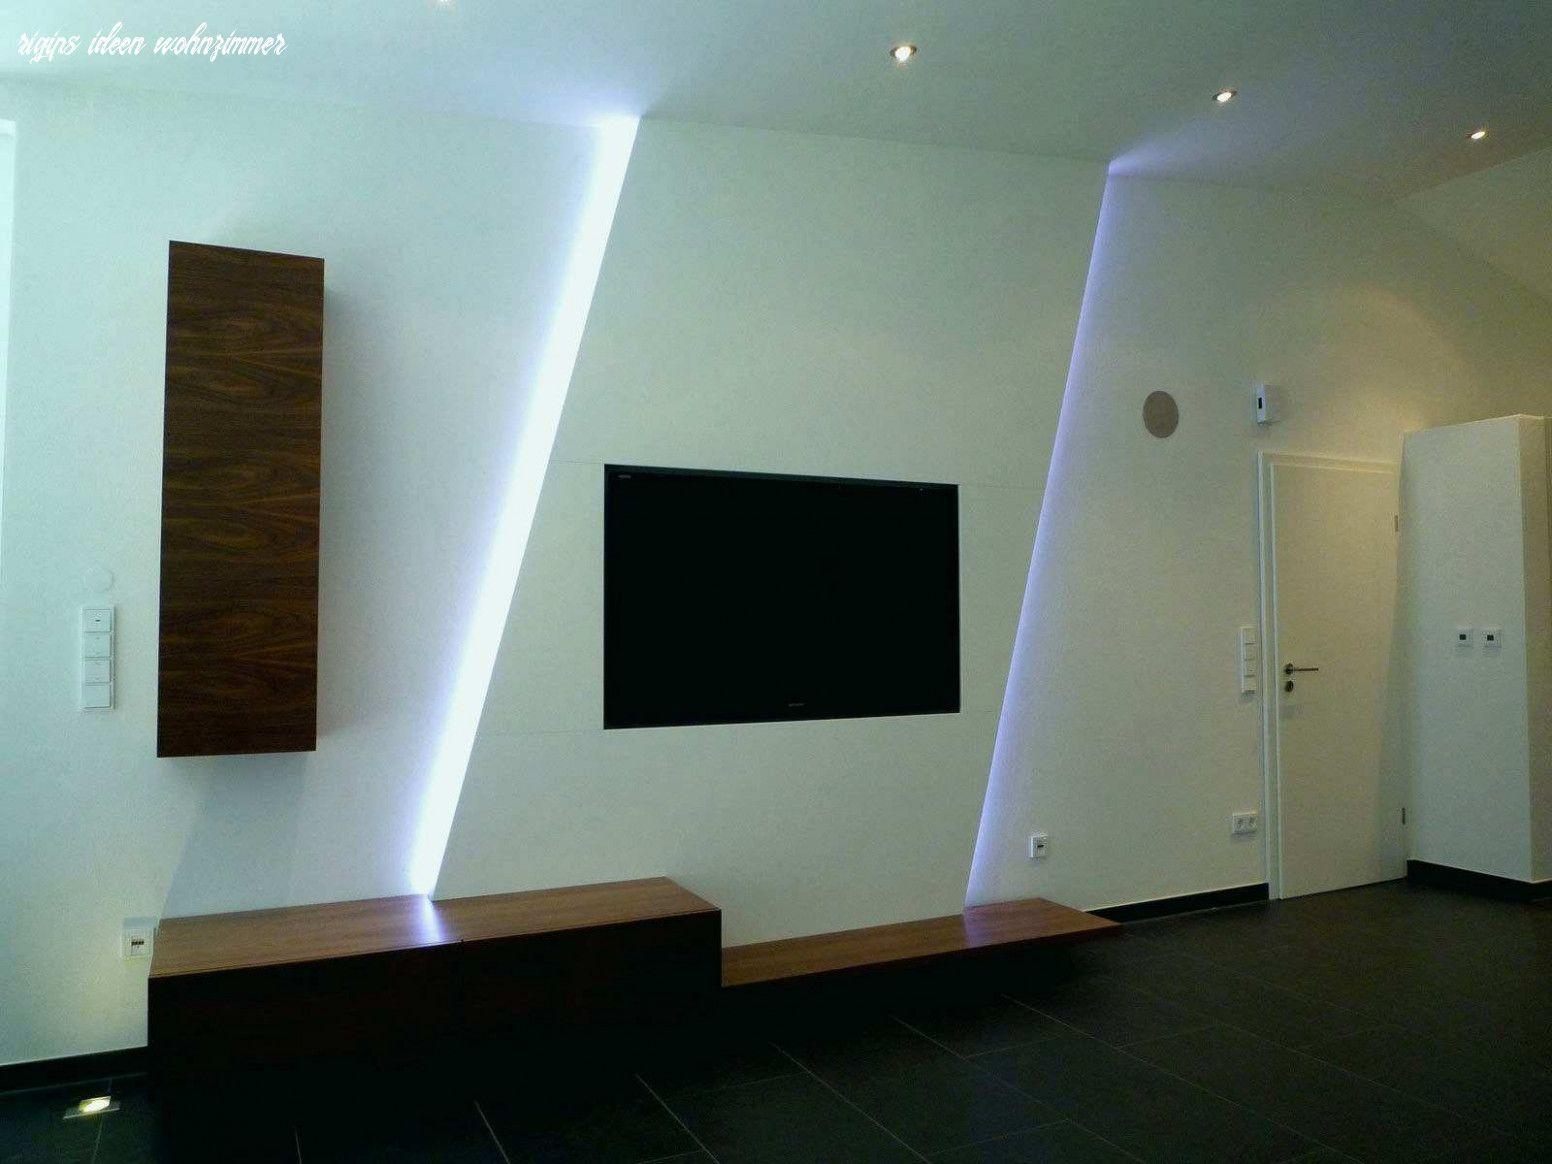 Zehn Wege Rigips Ideen Wohnzimmer Konnen Ihr Geschaft Verbessern In 2020 Schone Wohnzimmer Wanduhren Wohnzimmer Indirekte Beleuchtung